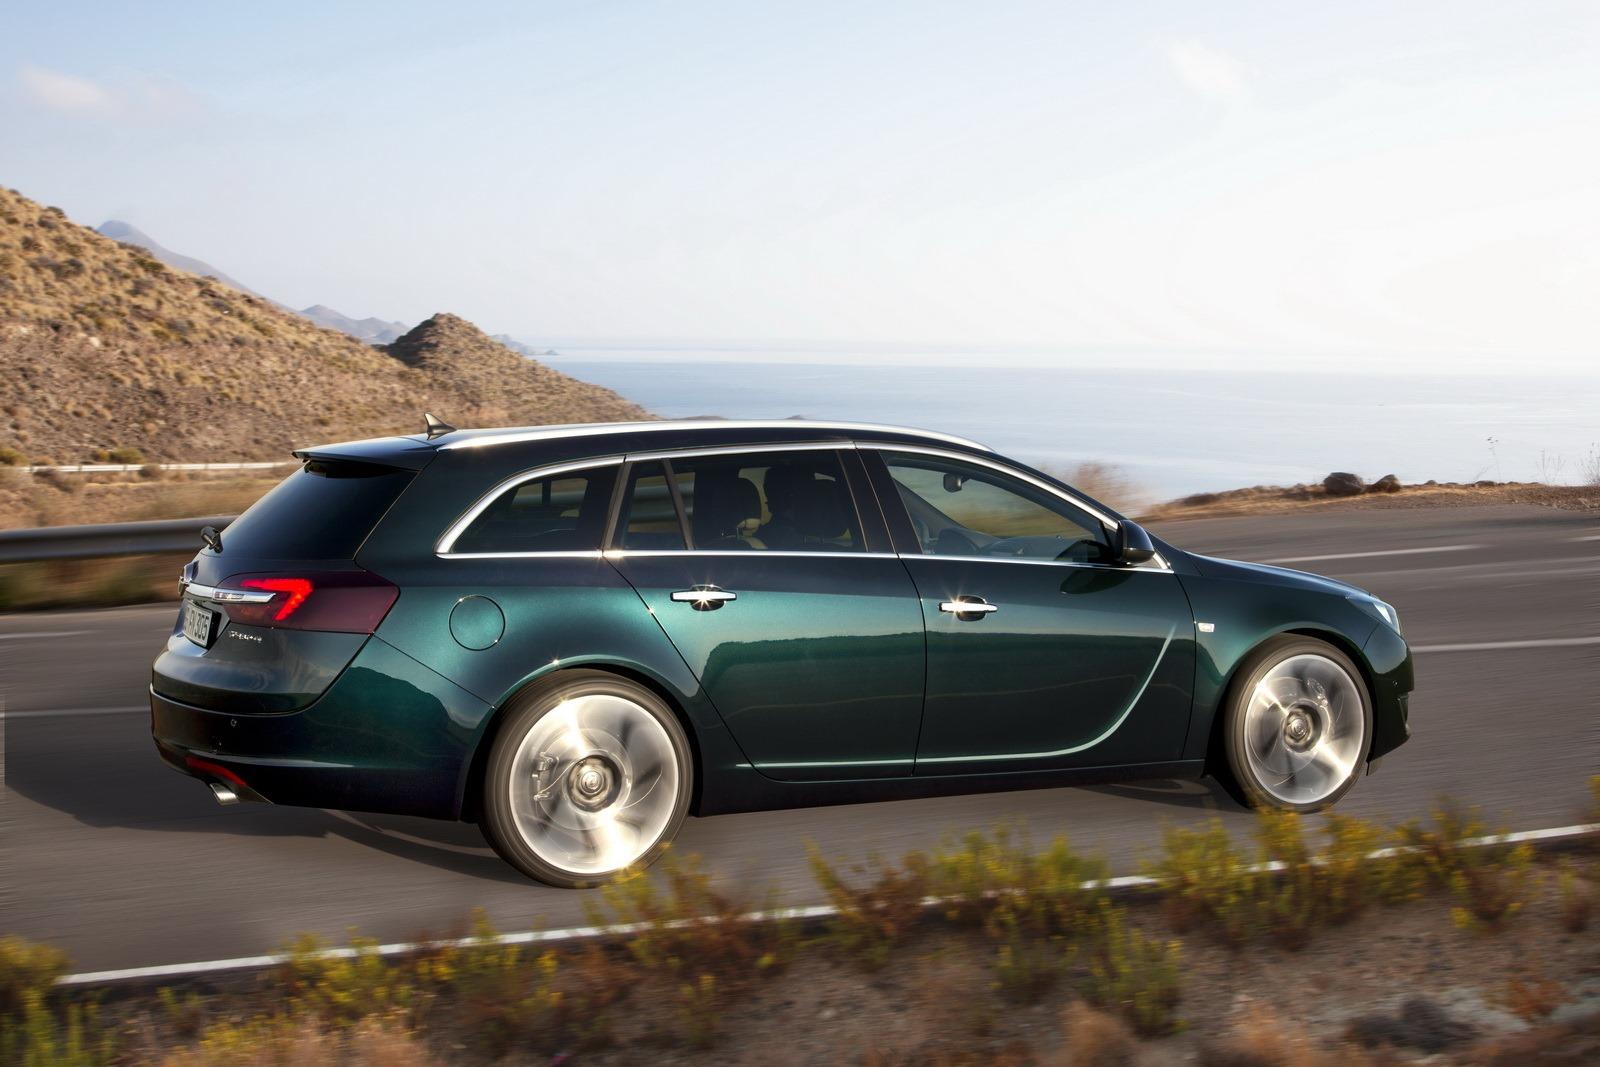 Opel-Insignia-Facelift-13%25255B2%25255D.jpg